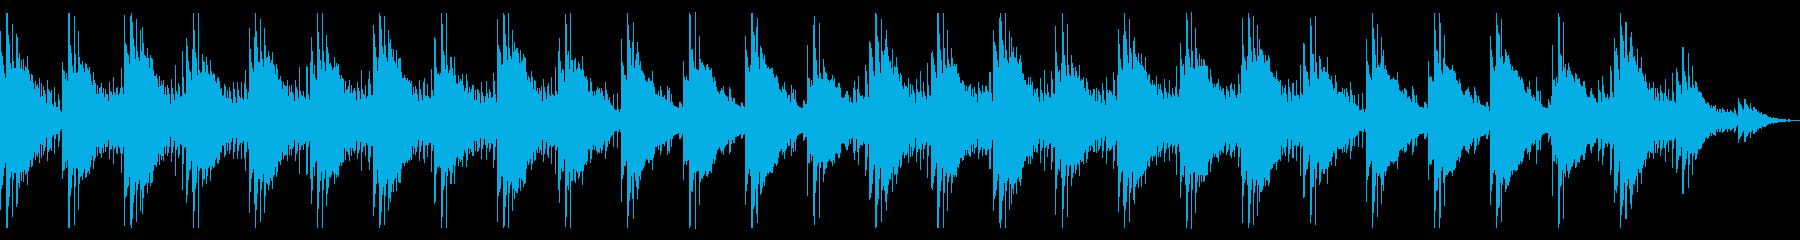 ダブステップ ✕ アコースティックの再生済みの波形